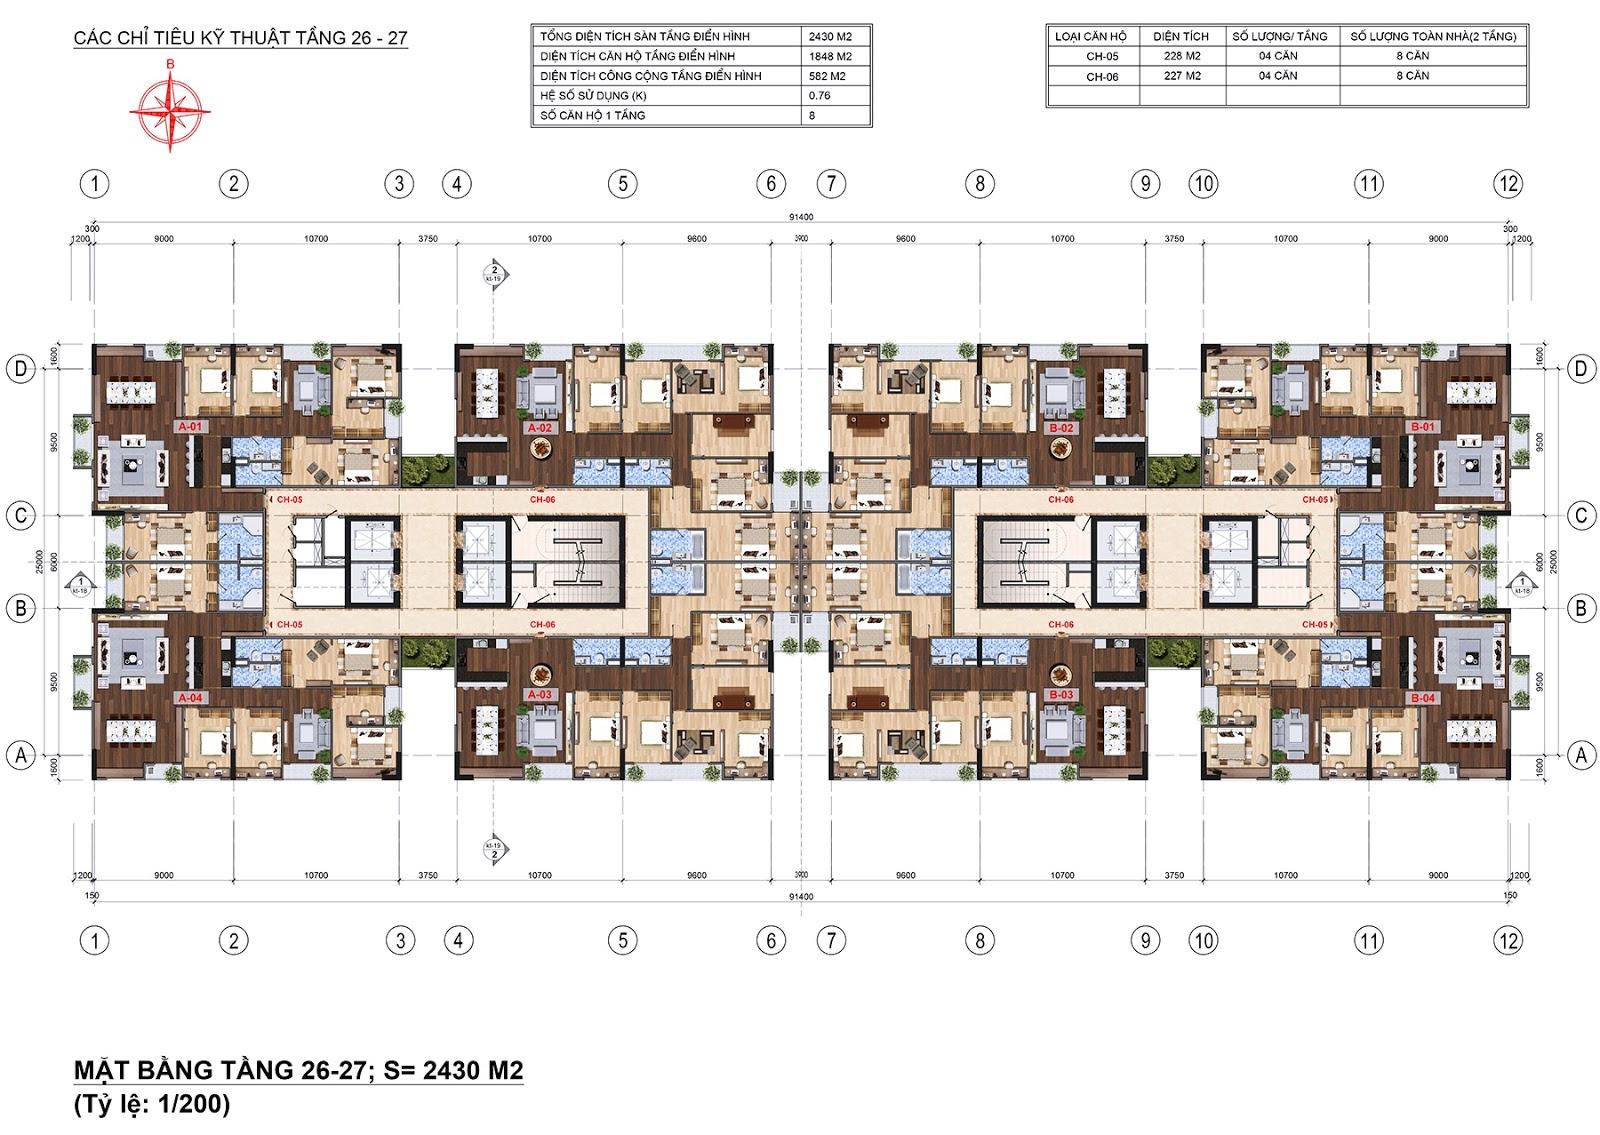 Mặt bằng tầng 26 - 27 chung cư Lạc Hồng 2